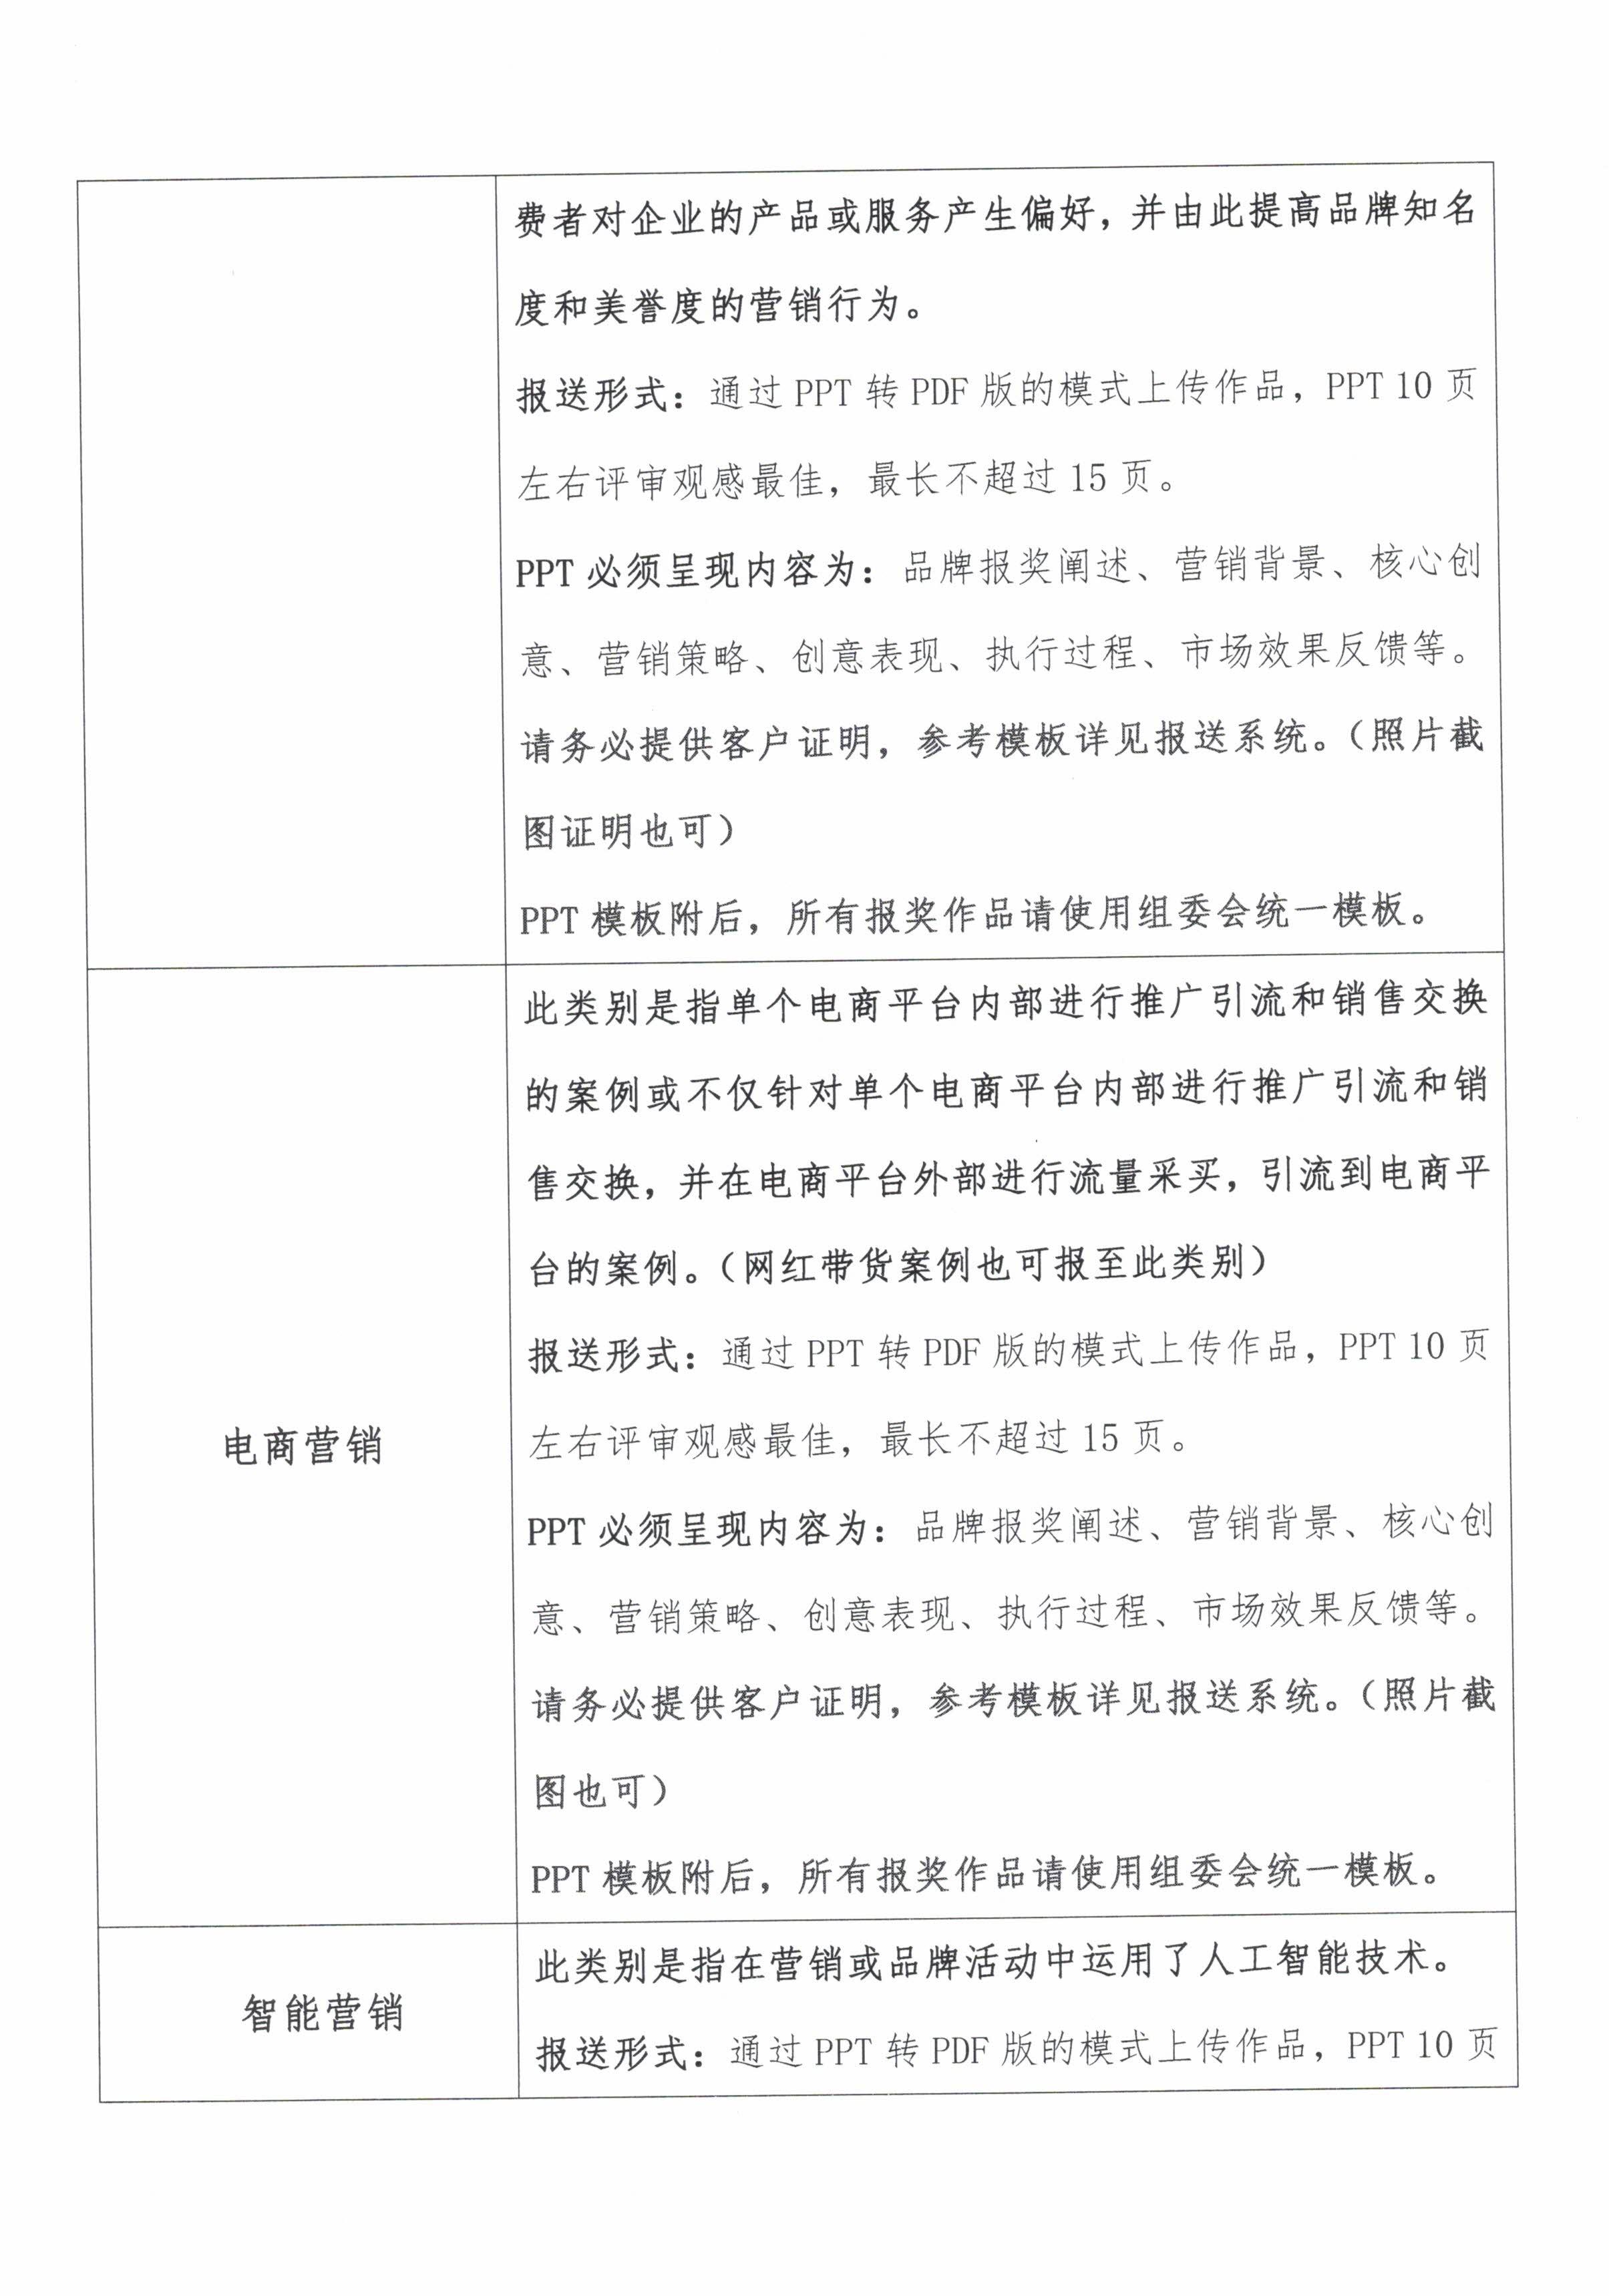 """关于第27届中国国际万博maxbet官网下载节""""长城奖""""作品征集的通知_000050.jpg"""